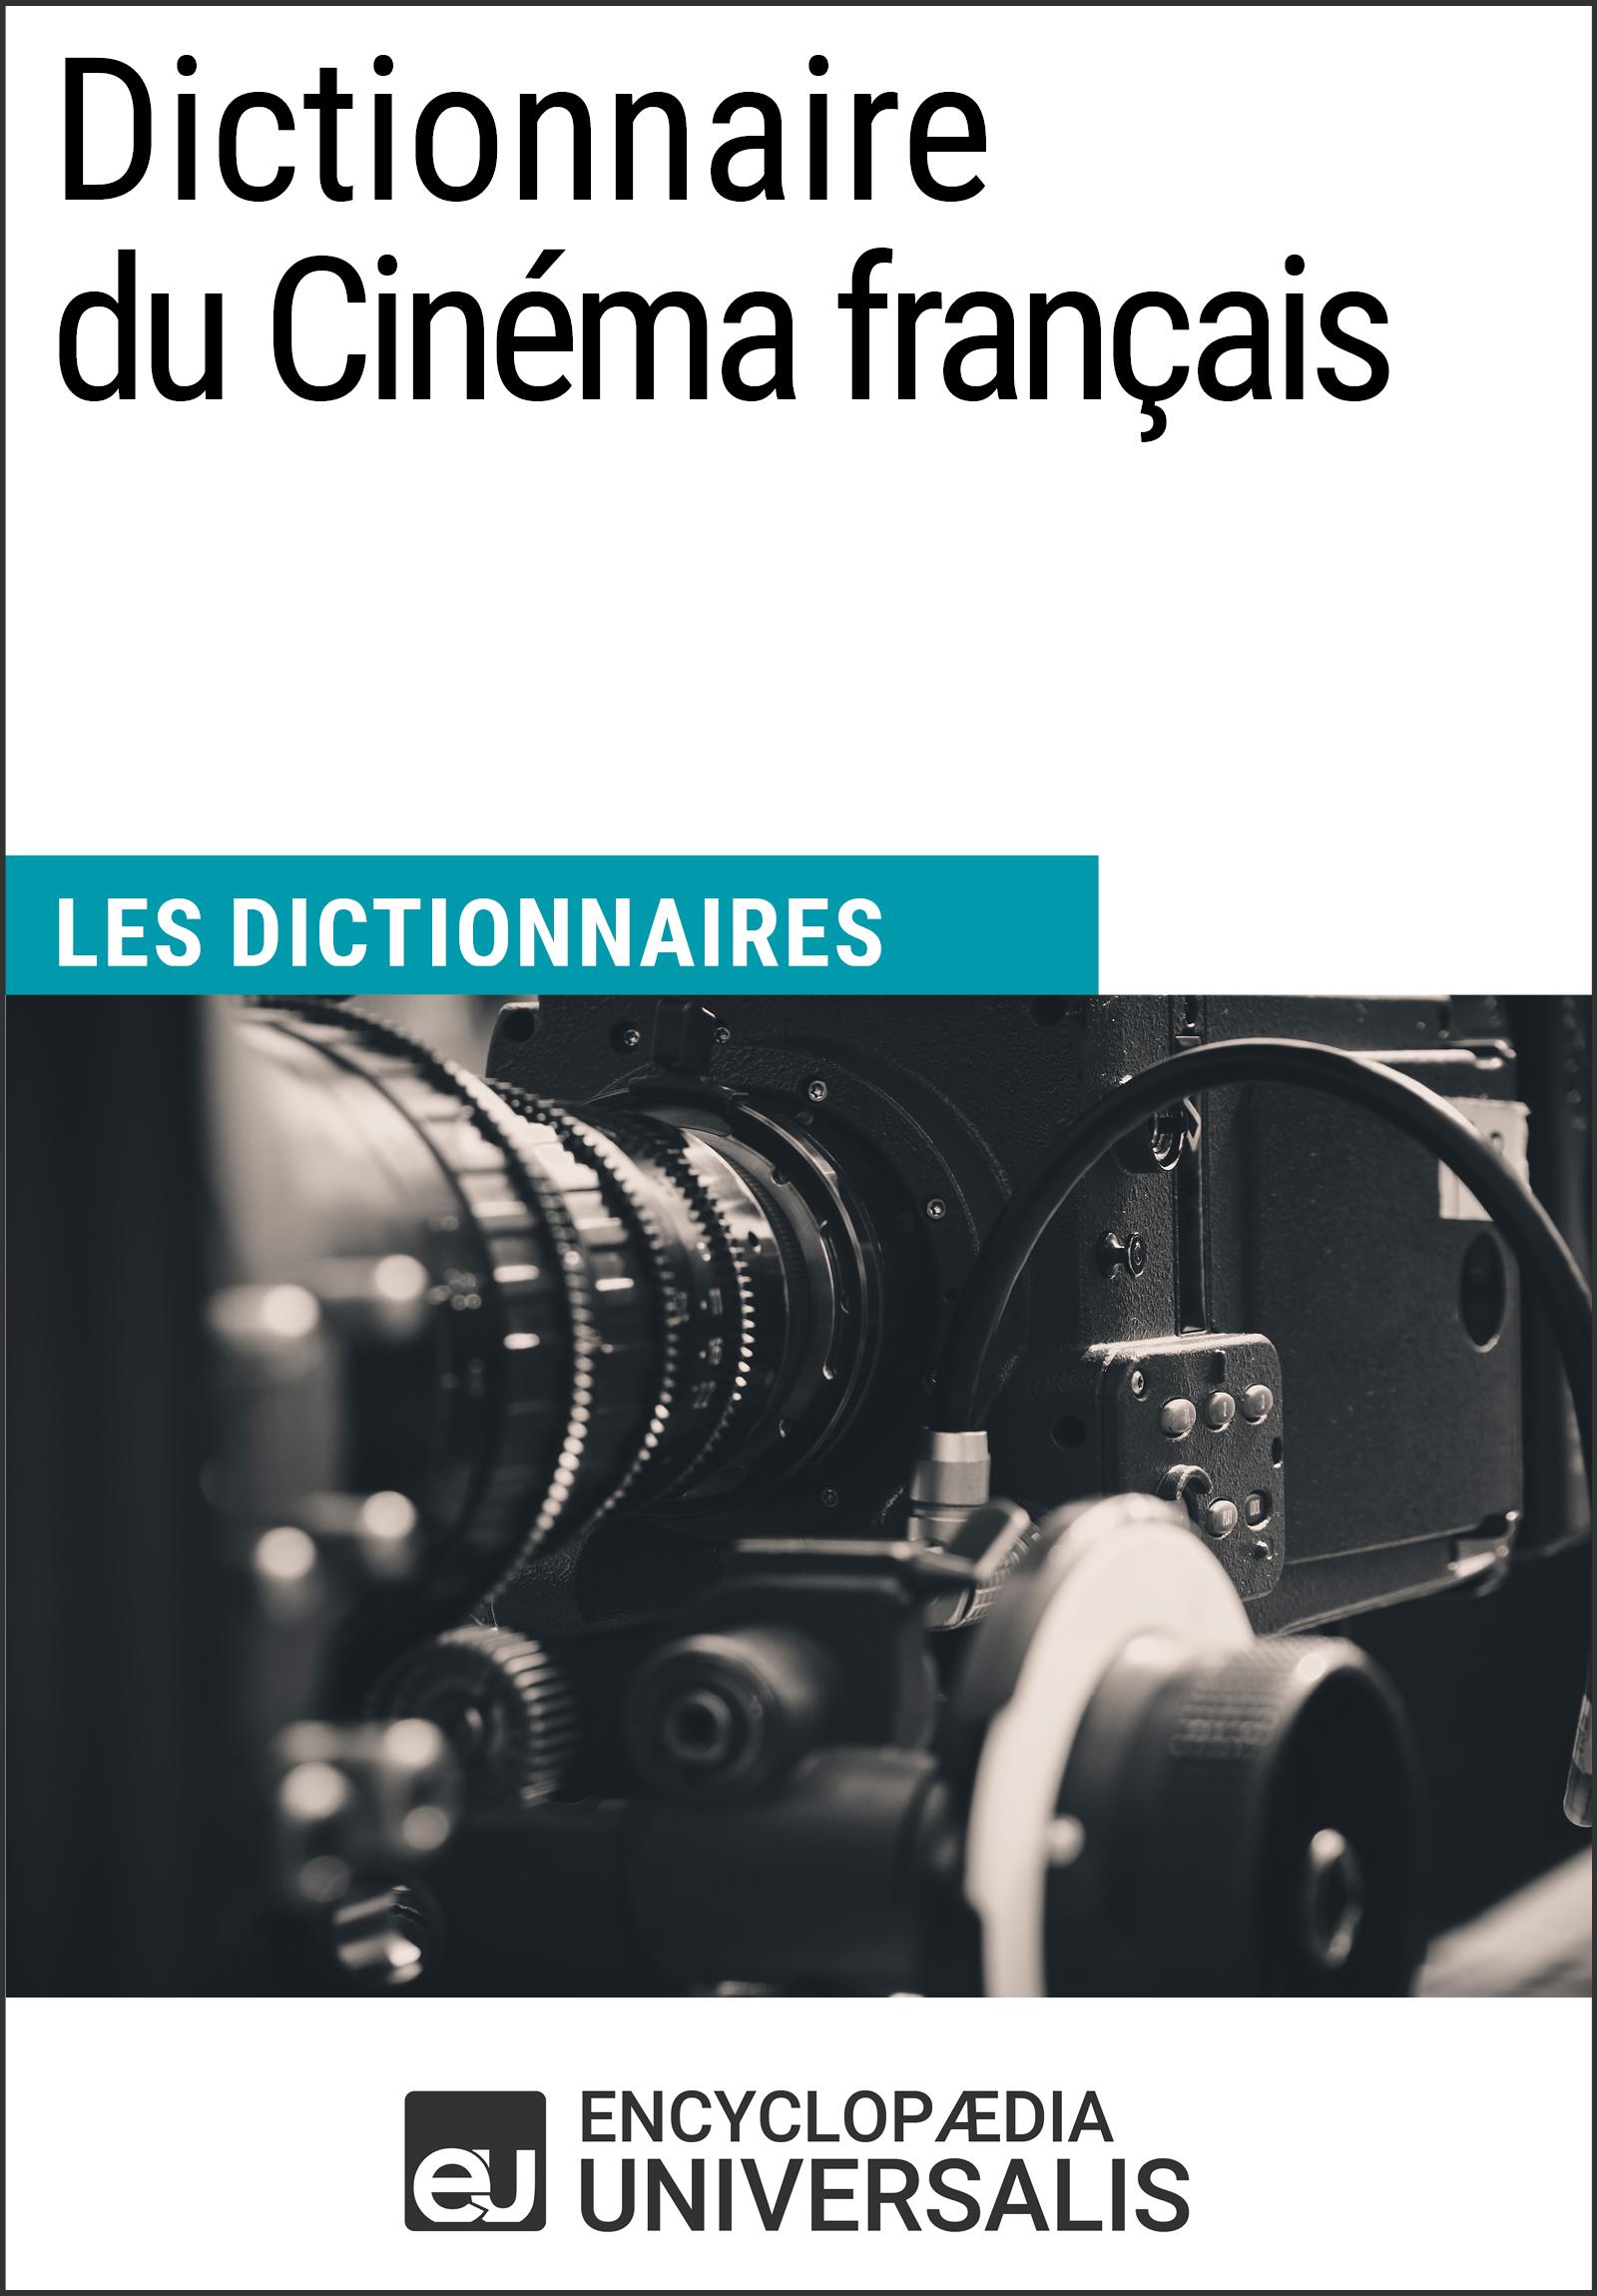 Dictionnaire du Cinéma français